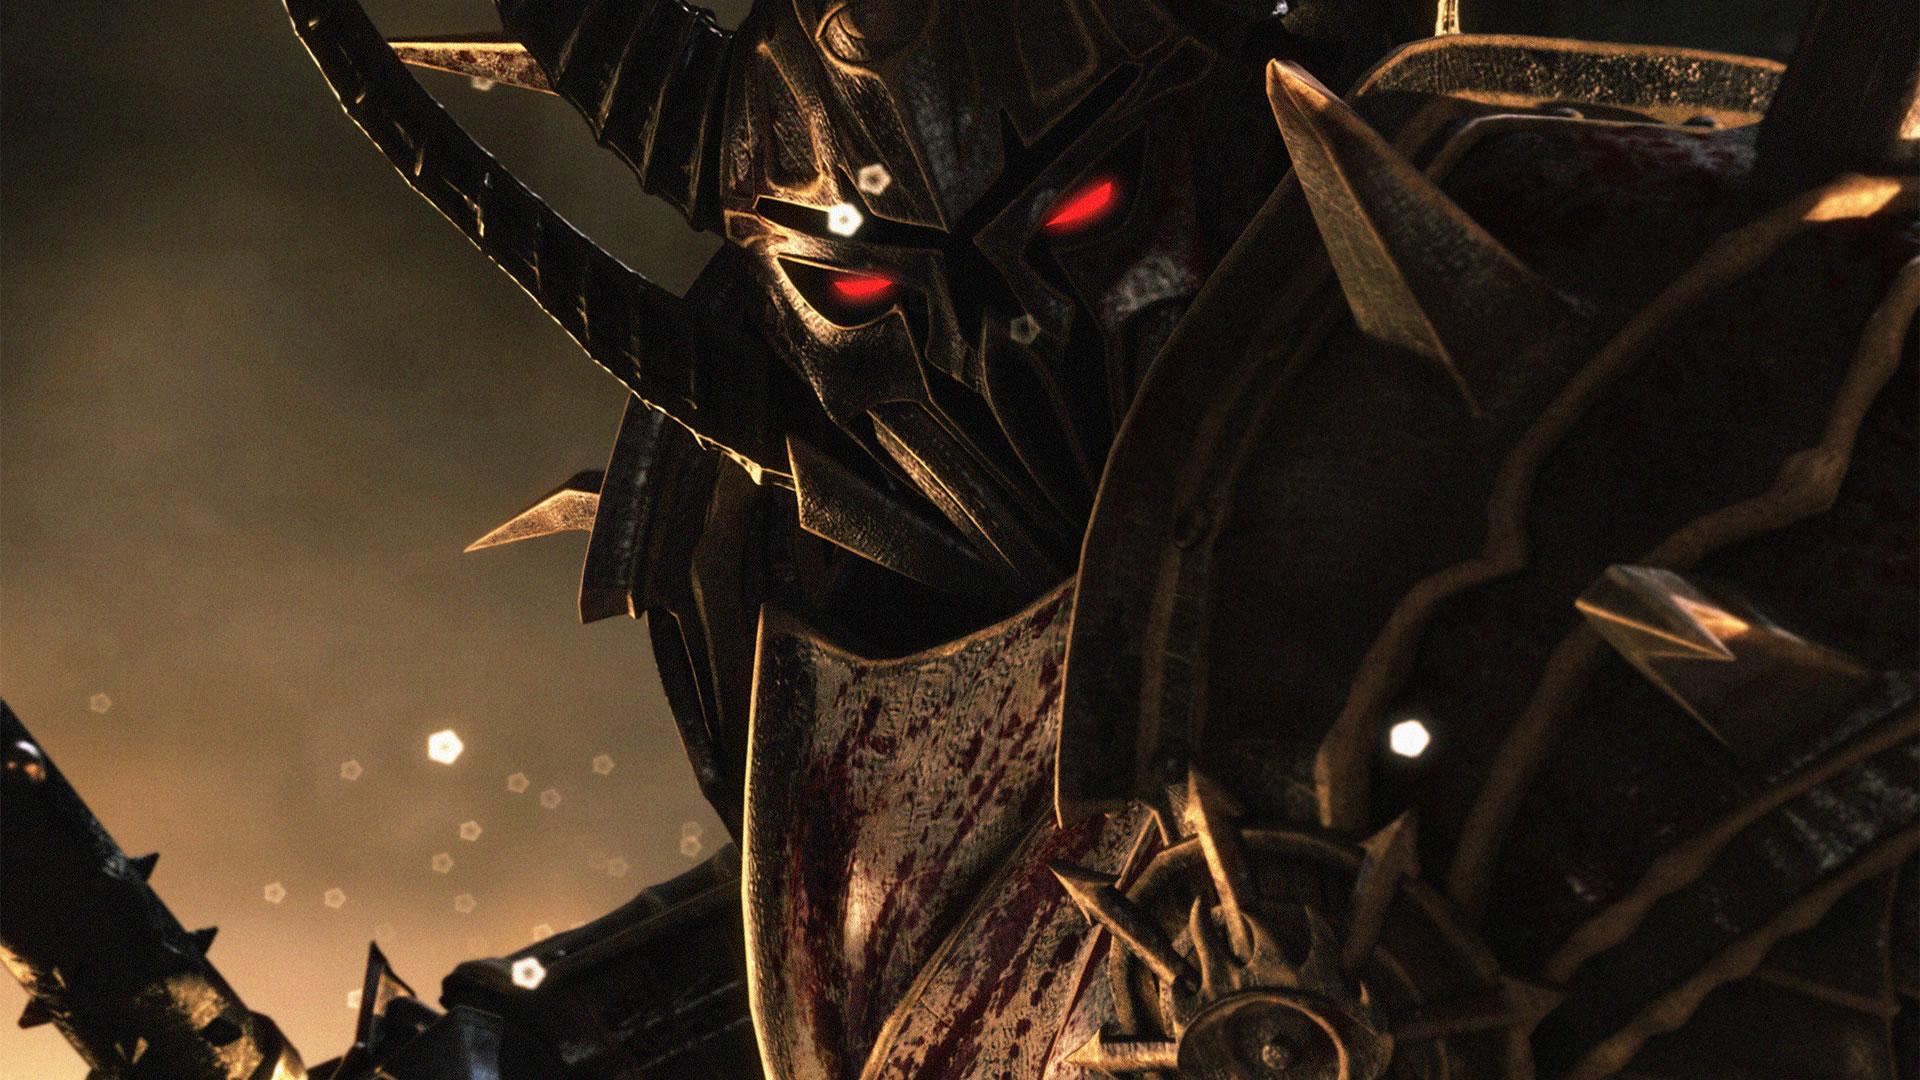 Warhammer Wallpaper 243895